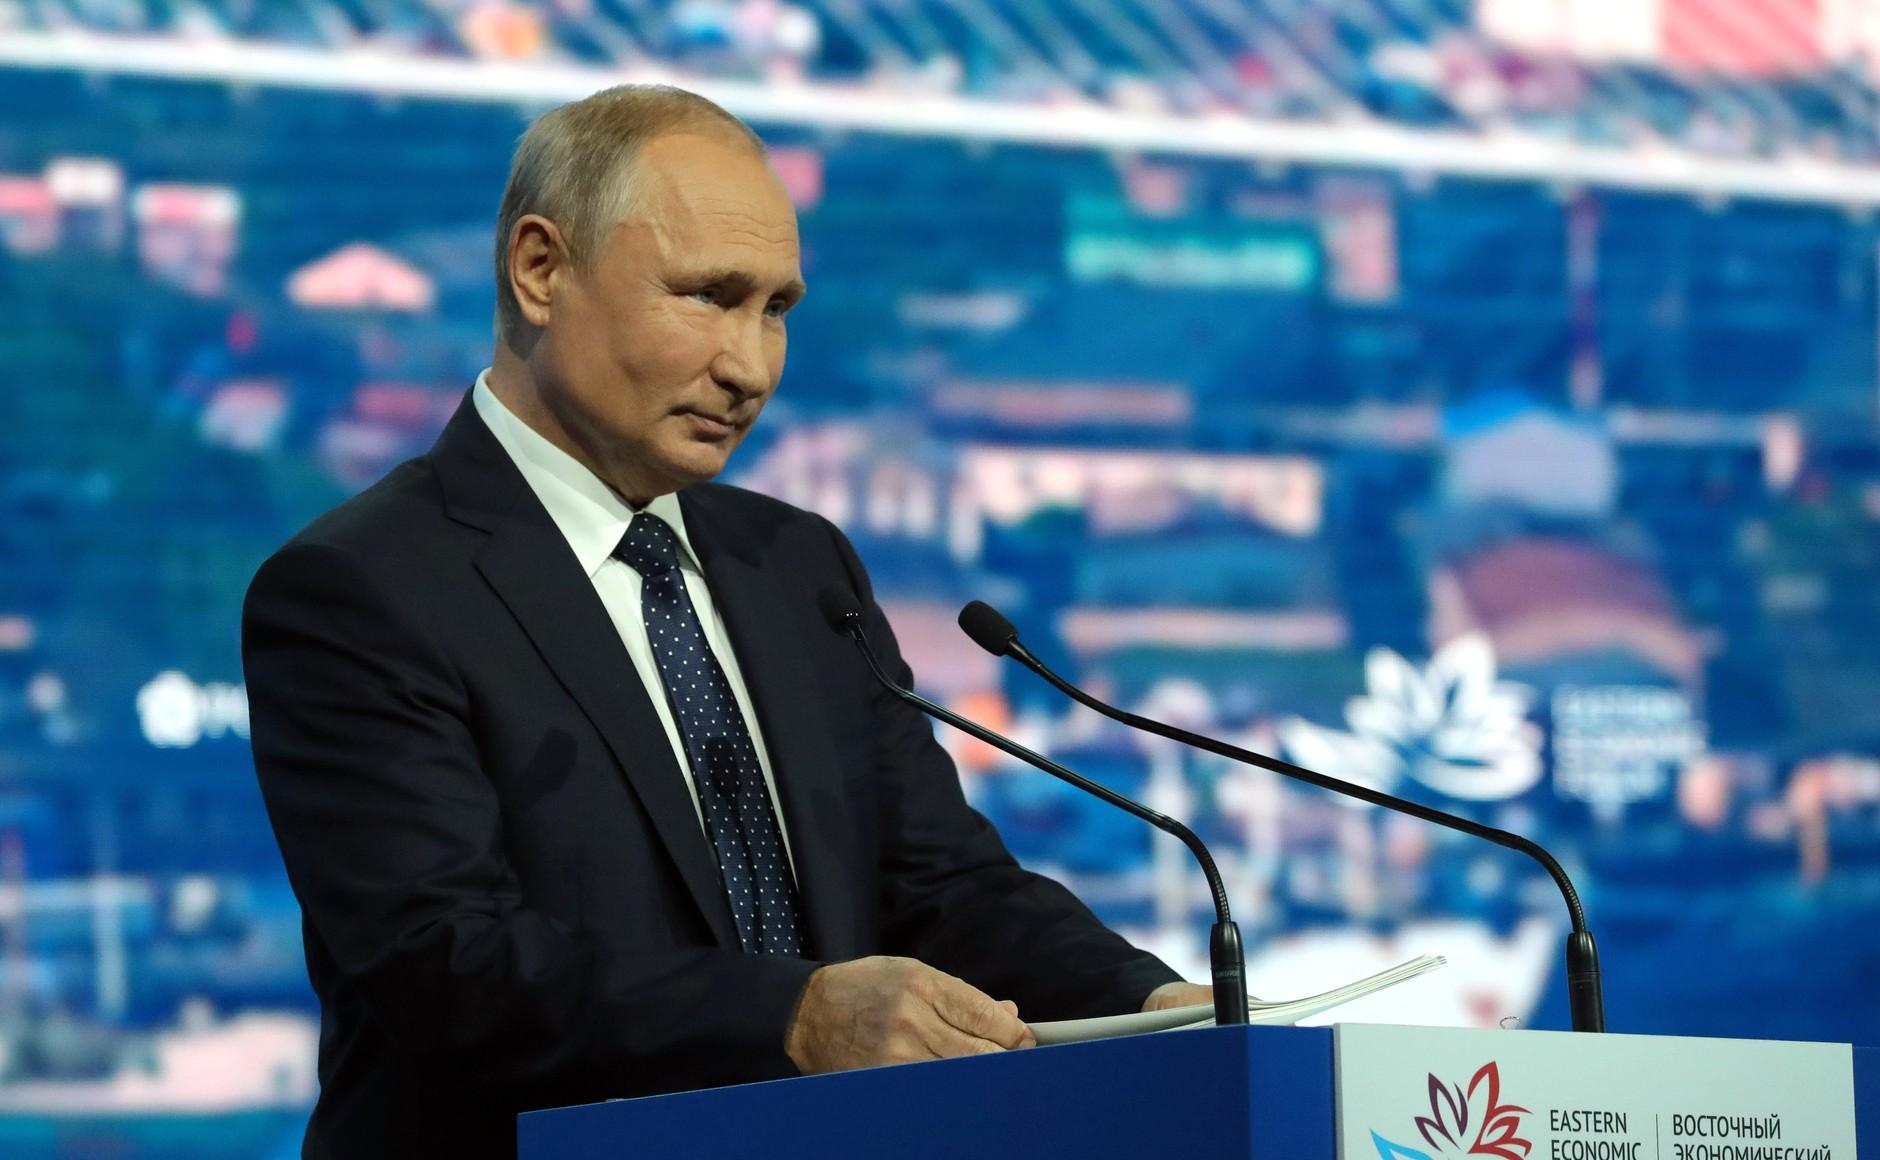 Президент России принял участие в работе Восточного экономического форума 2021